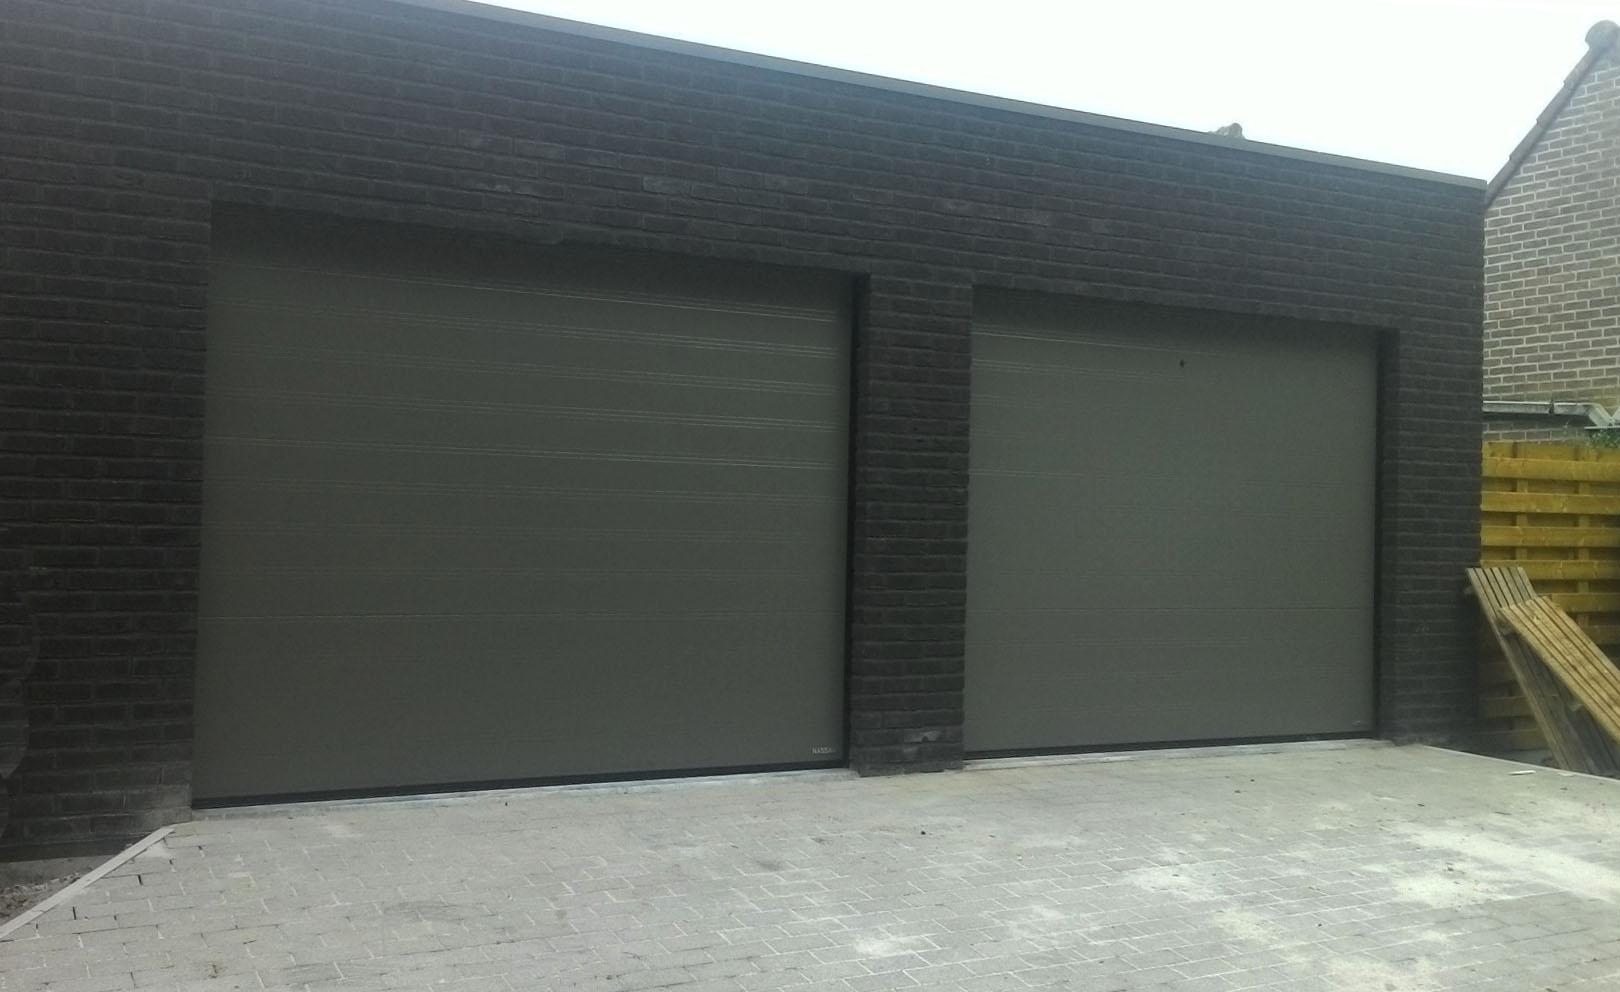 Grijze garagepoorten